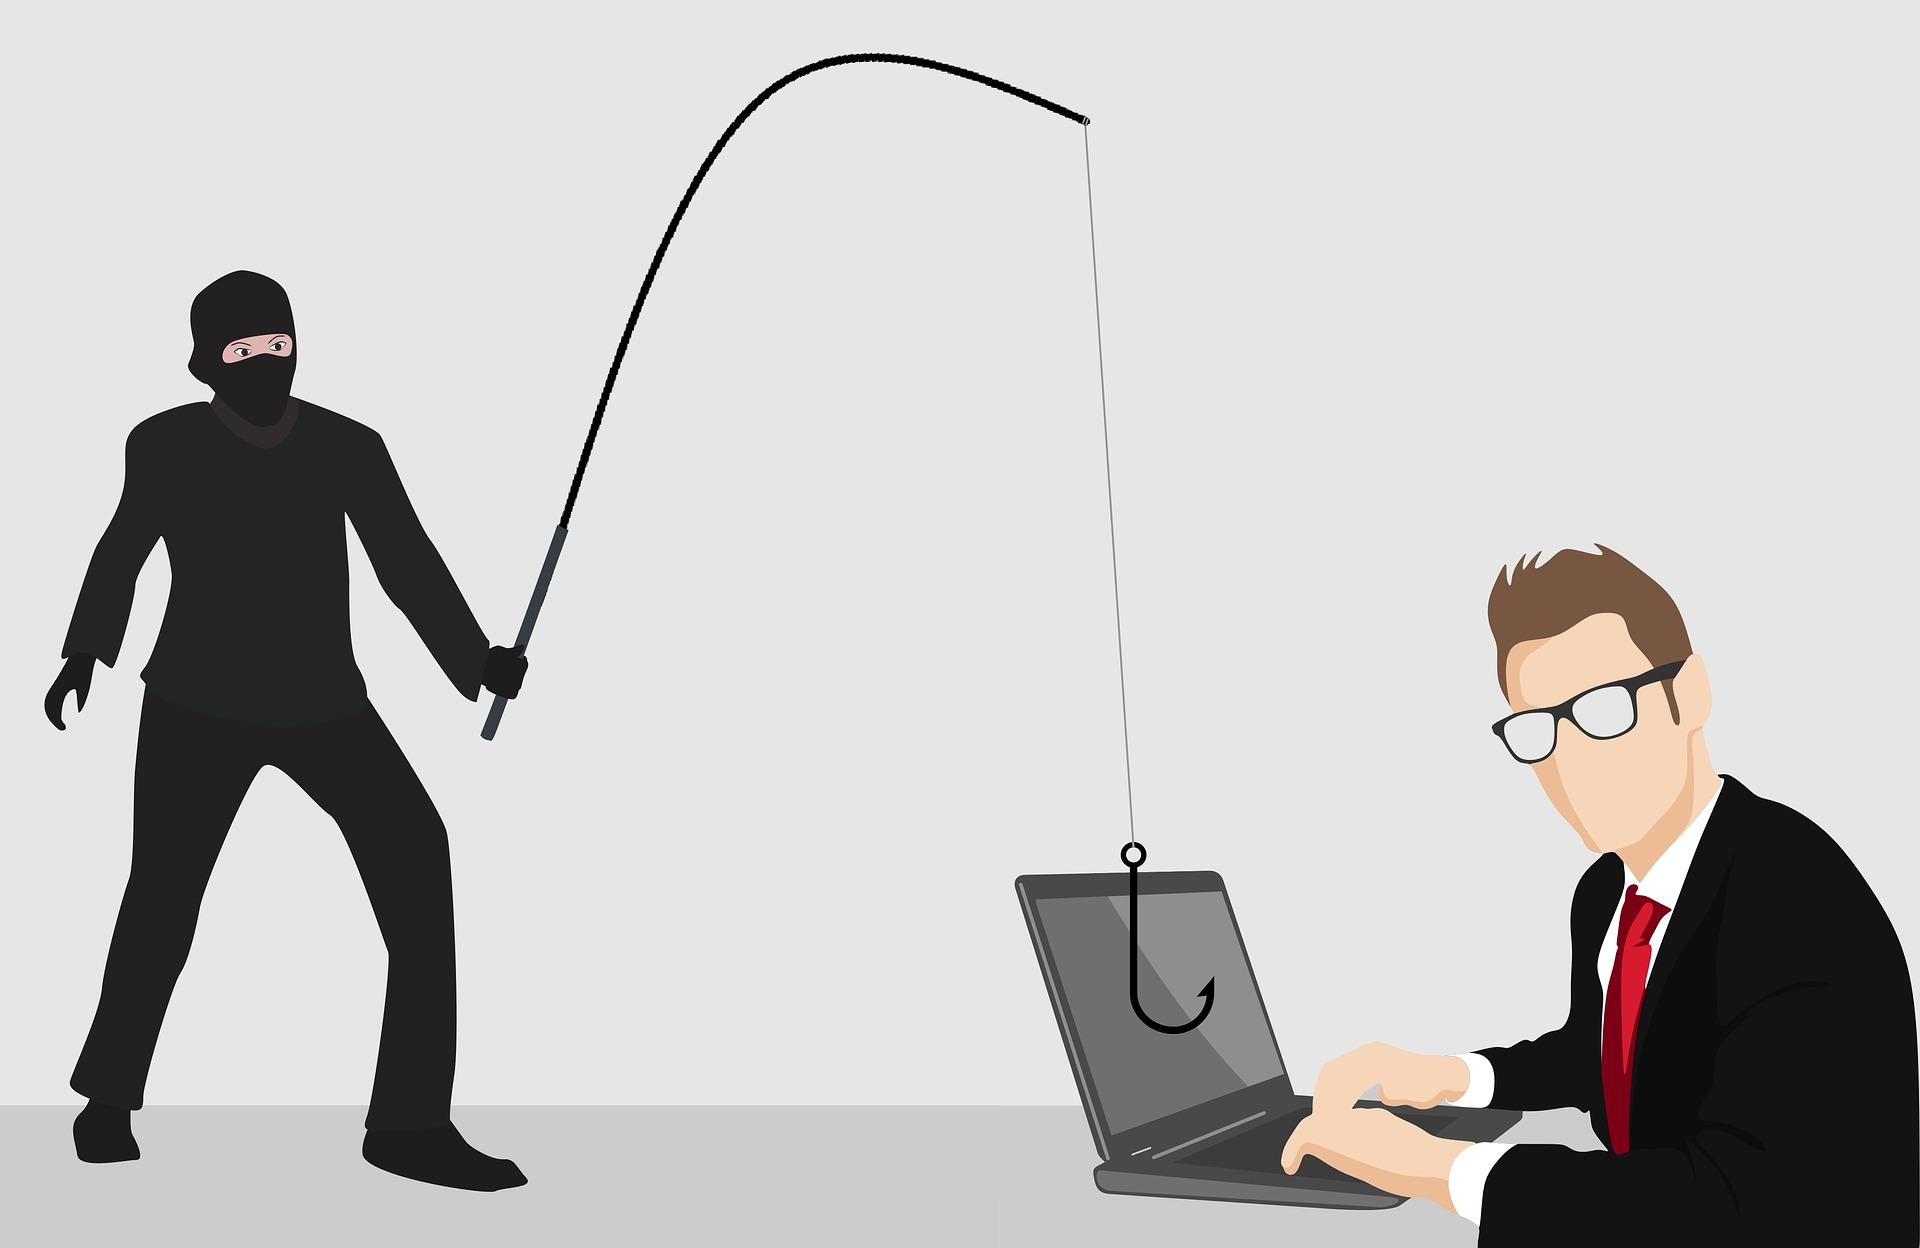 """Beware of """"Your Αрplе ID has Bееn Lοсked for Seсurіty Reаѕοnѕ"""" Phishing Scam"""